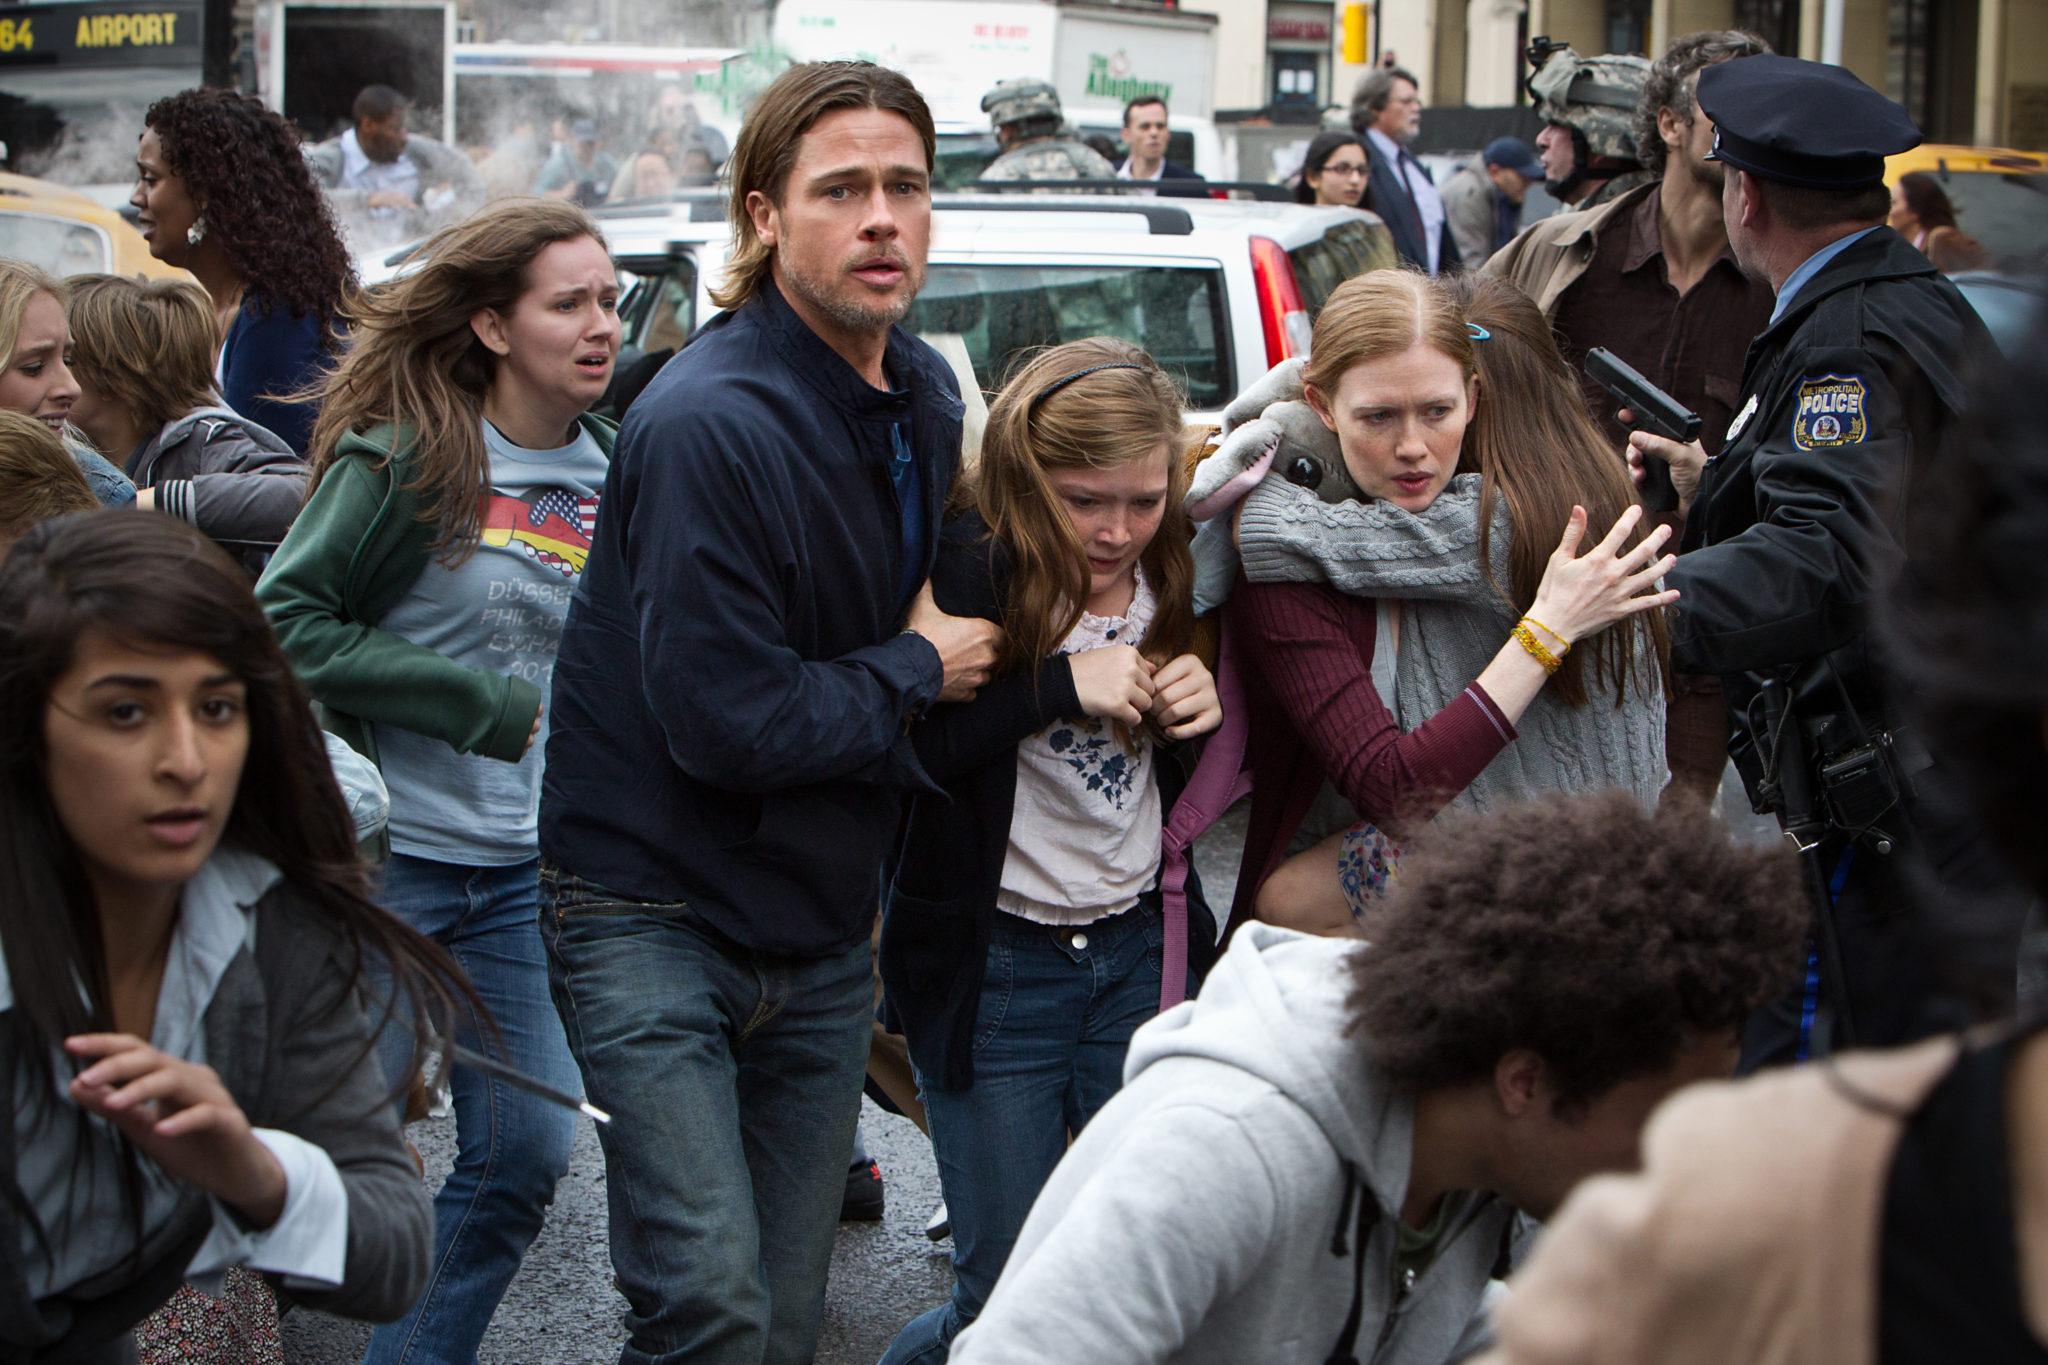 Brad Pitt rennt mit seiner Familie in einer Menschenmenge - wir wünschen eine Fortsetzung